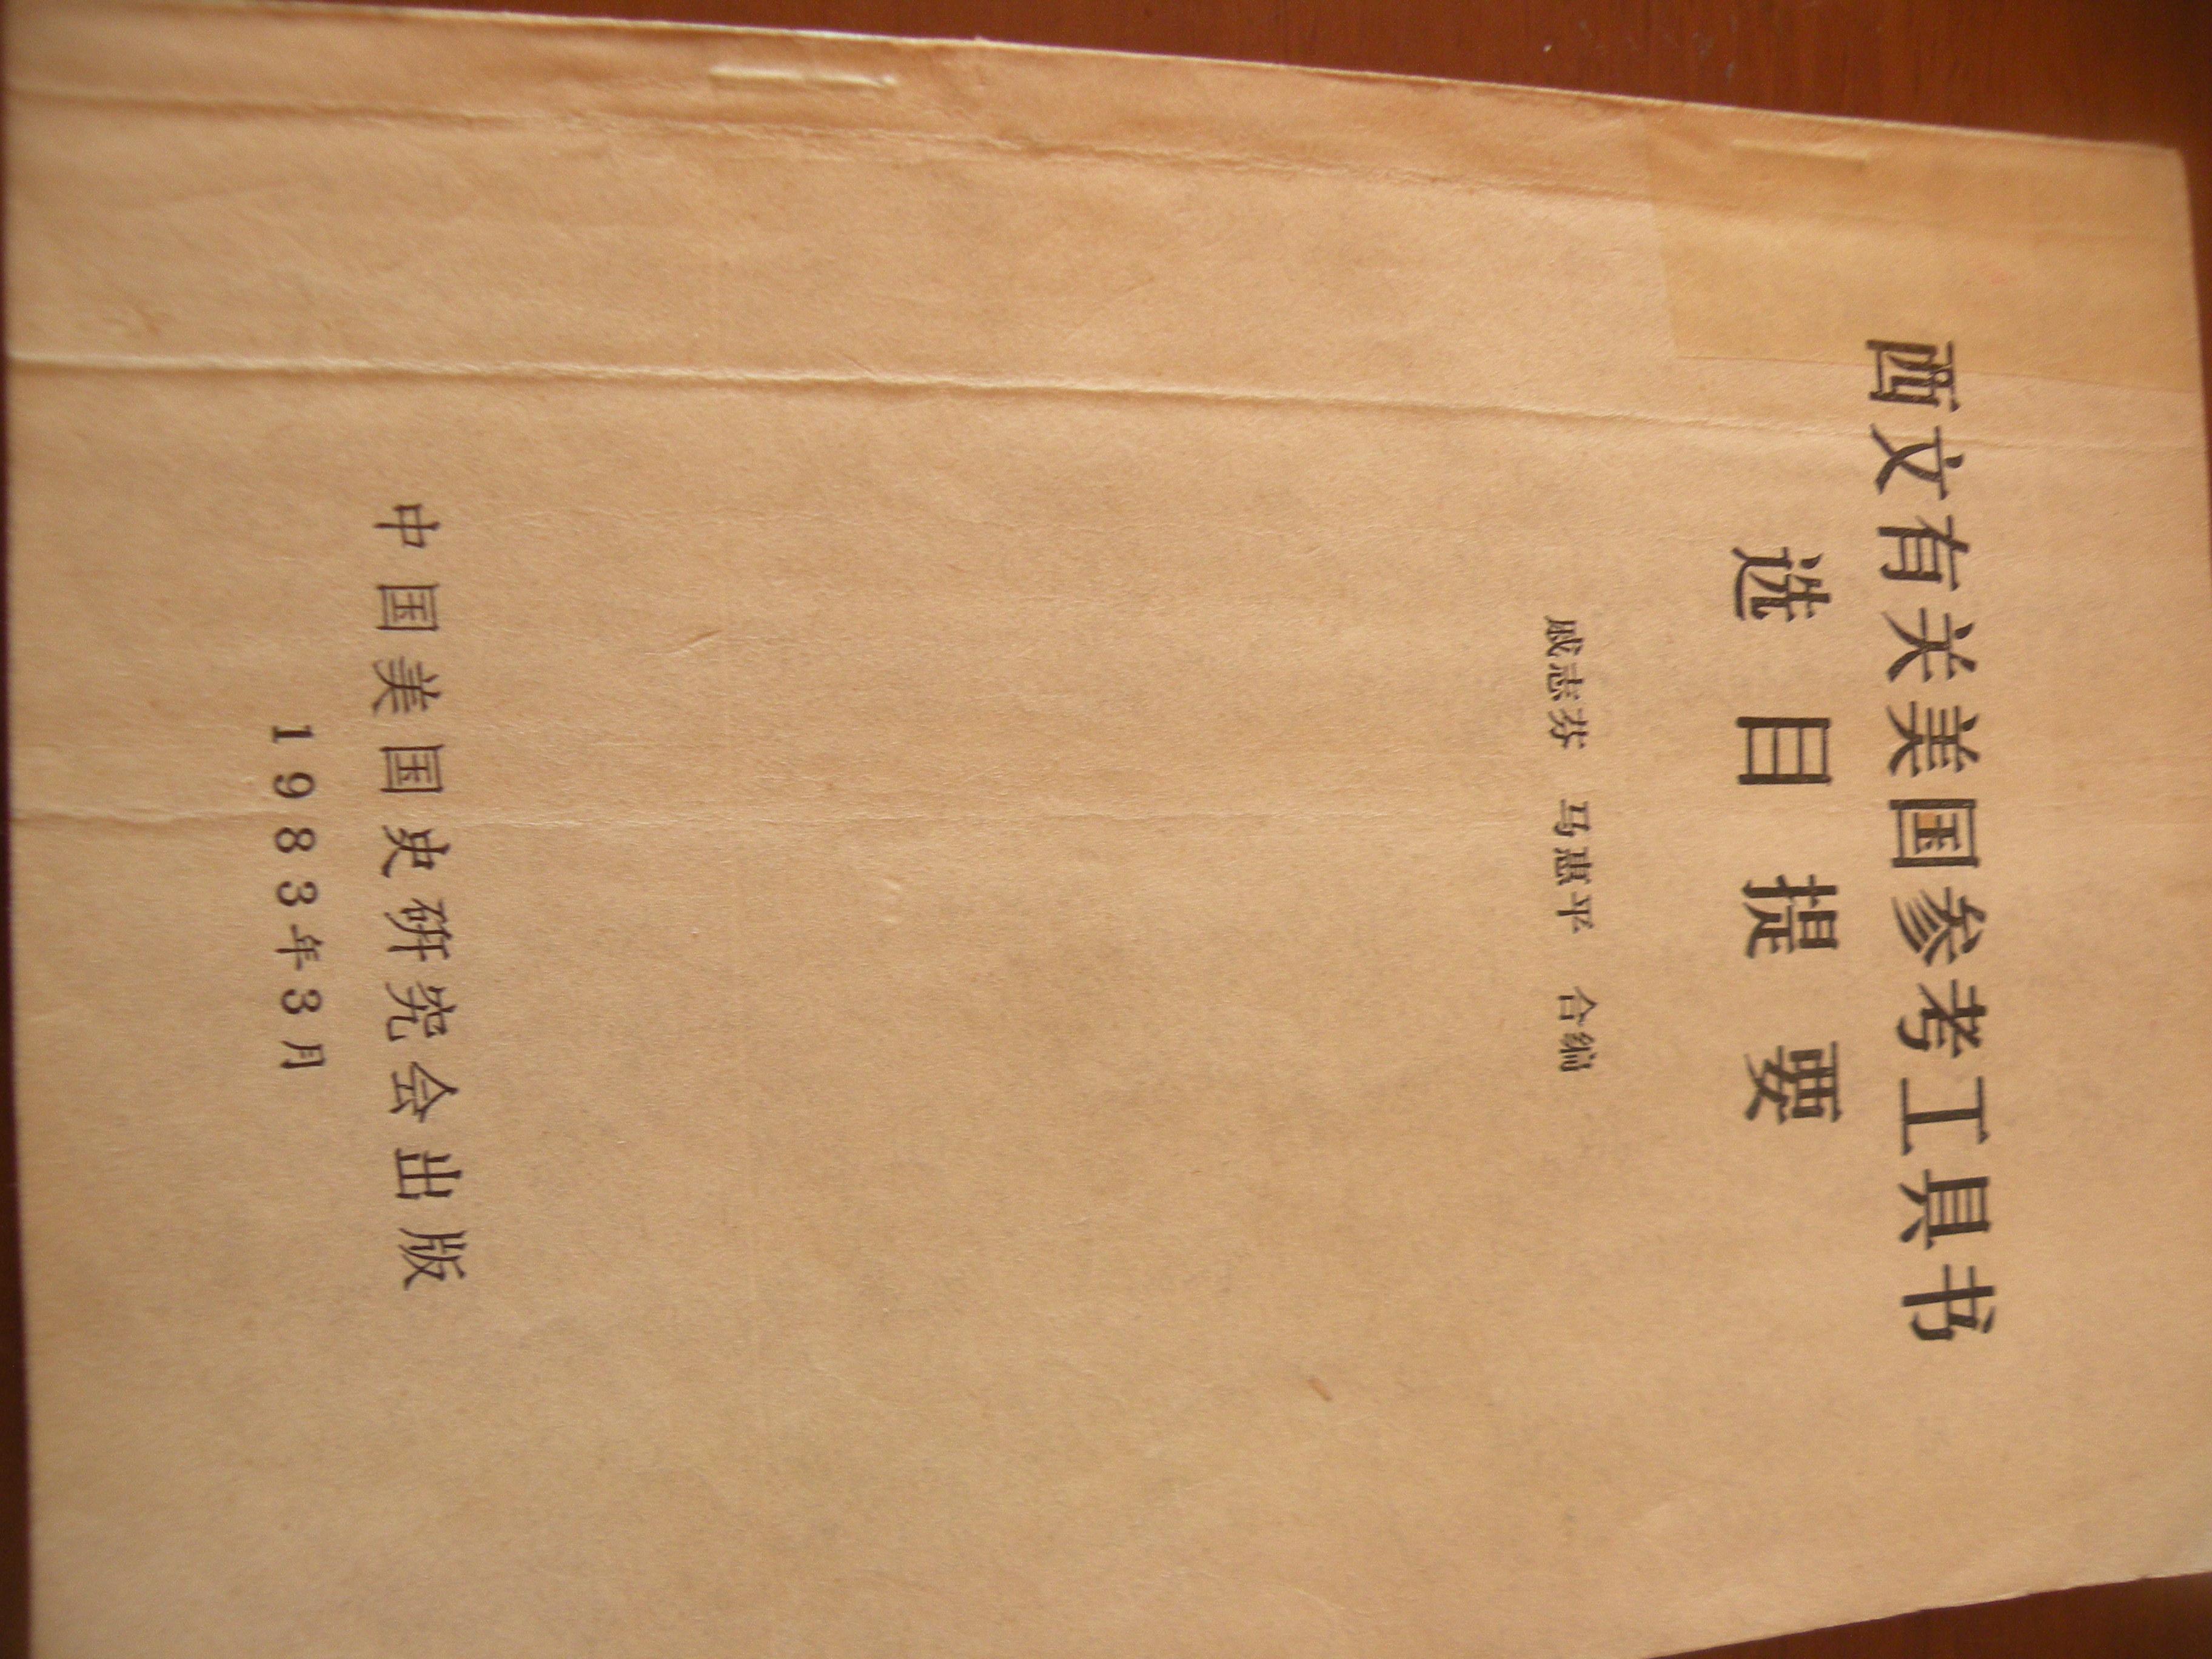 DSCN8639.JPG